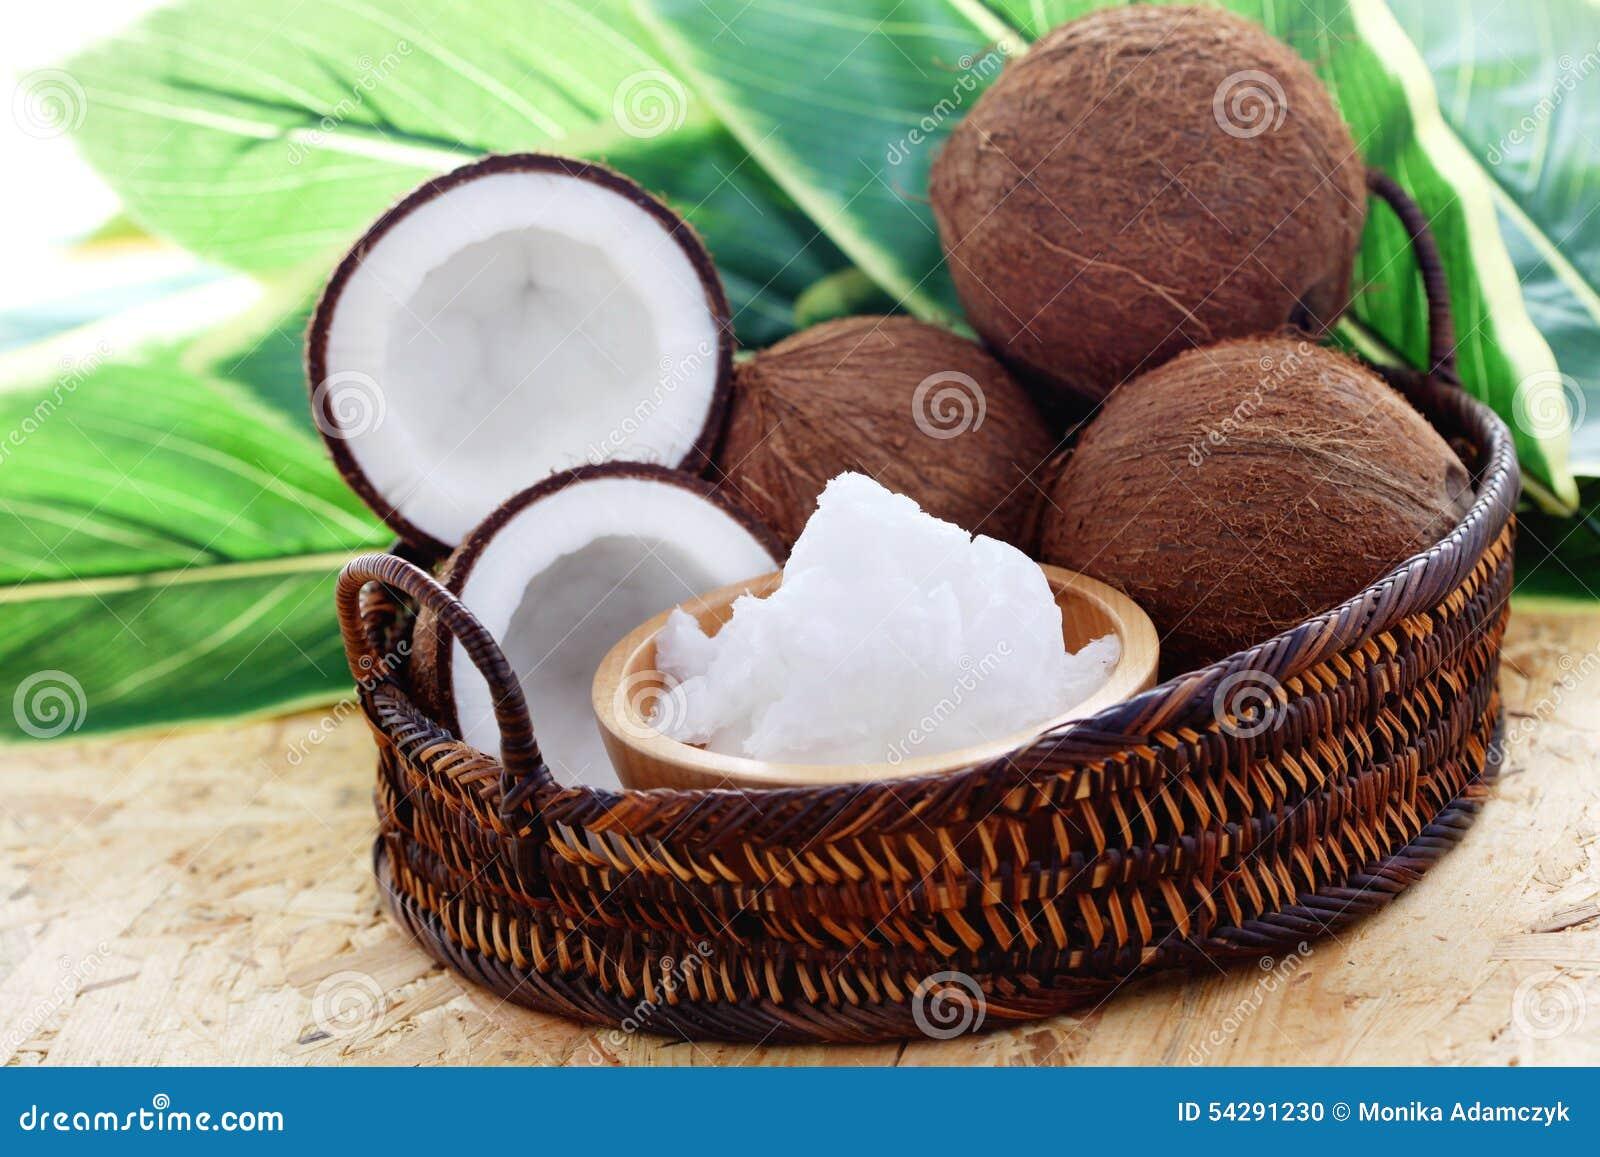 De olie van de kokosnoot